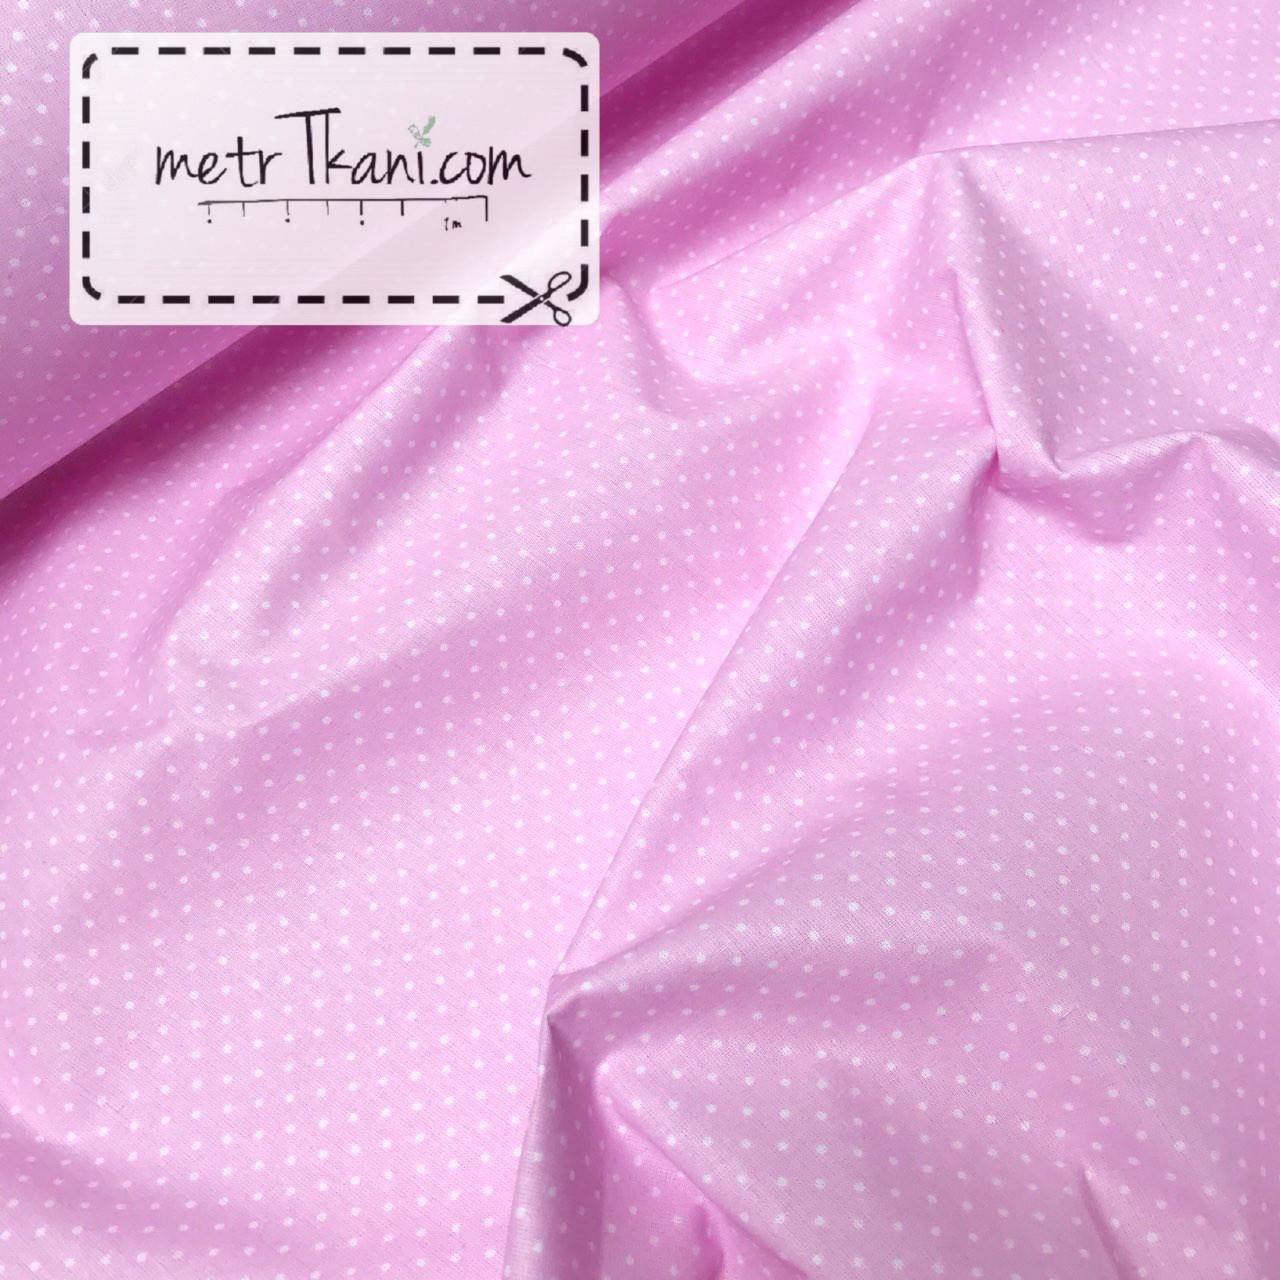 Ткань бязь белые точки на розовом 2мм 135 г/м № 935